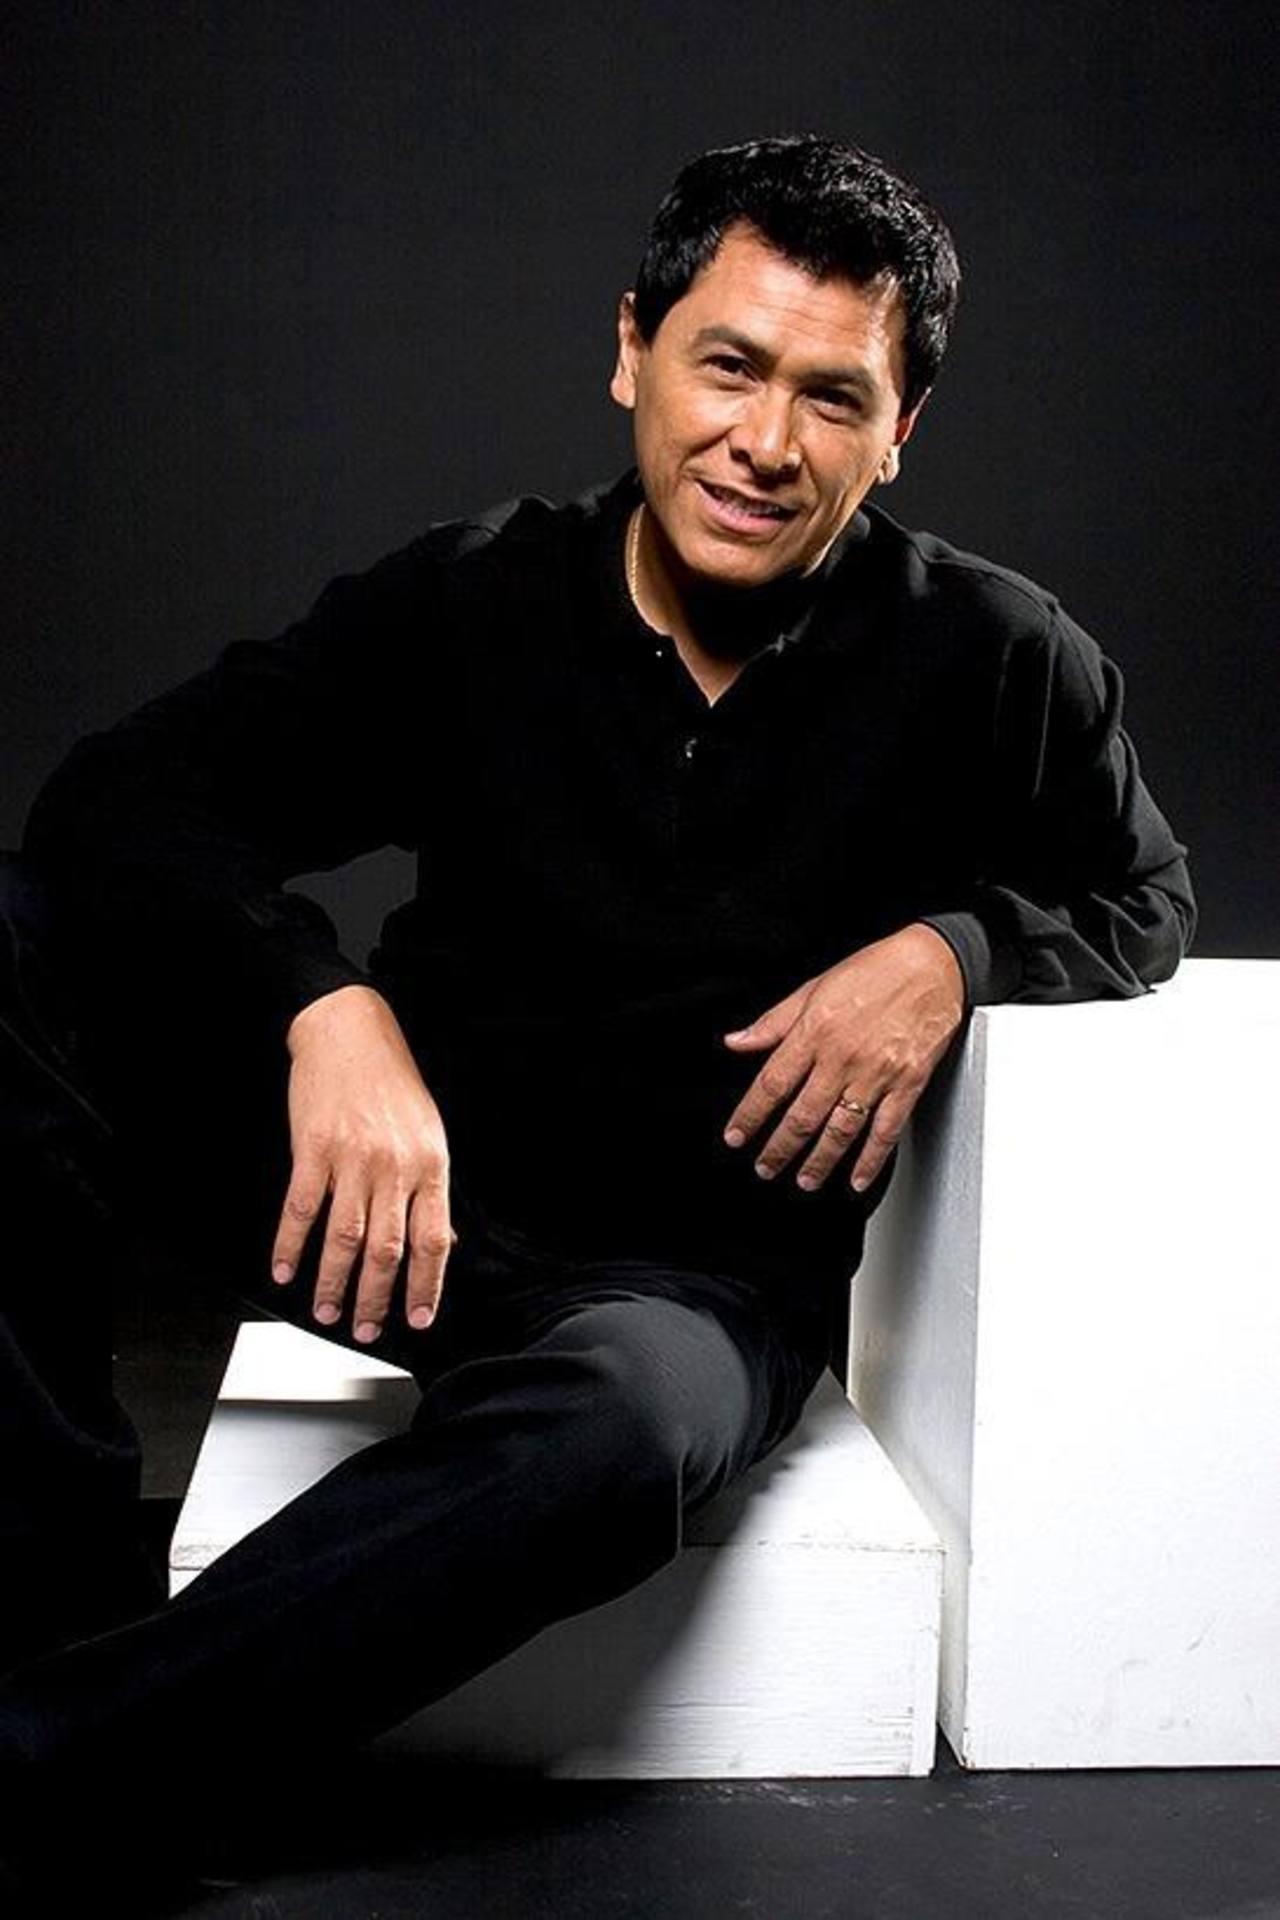 Torres es el compositor y cantante salvadoreño más reconocido a nivel internacional, sus canciones son inolvidables.